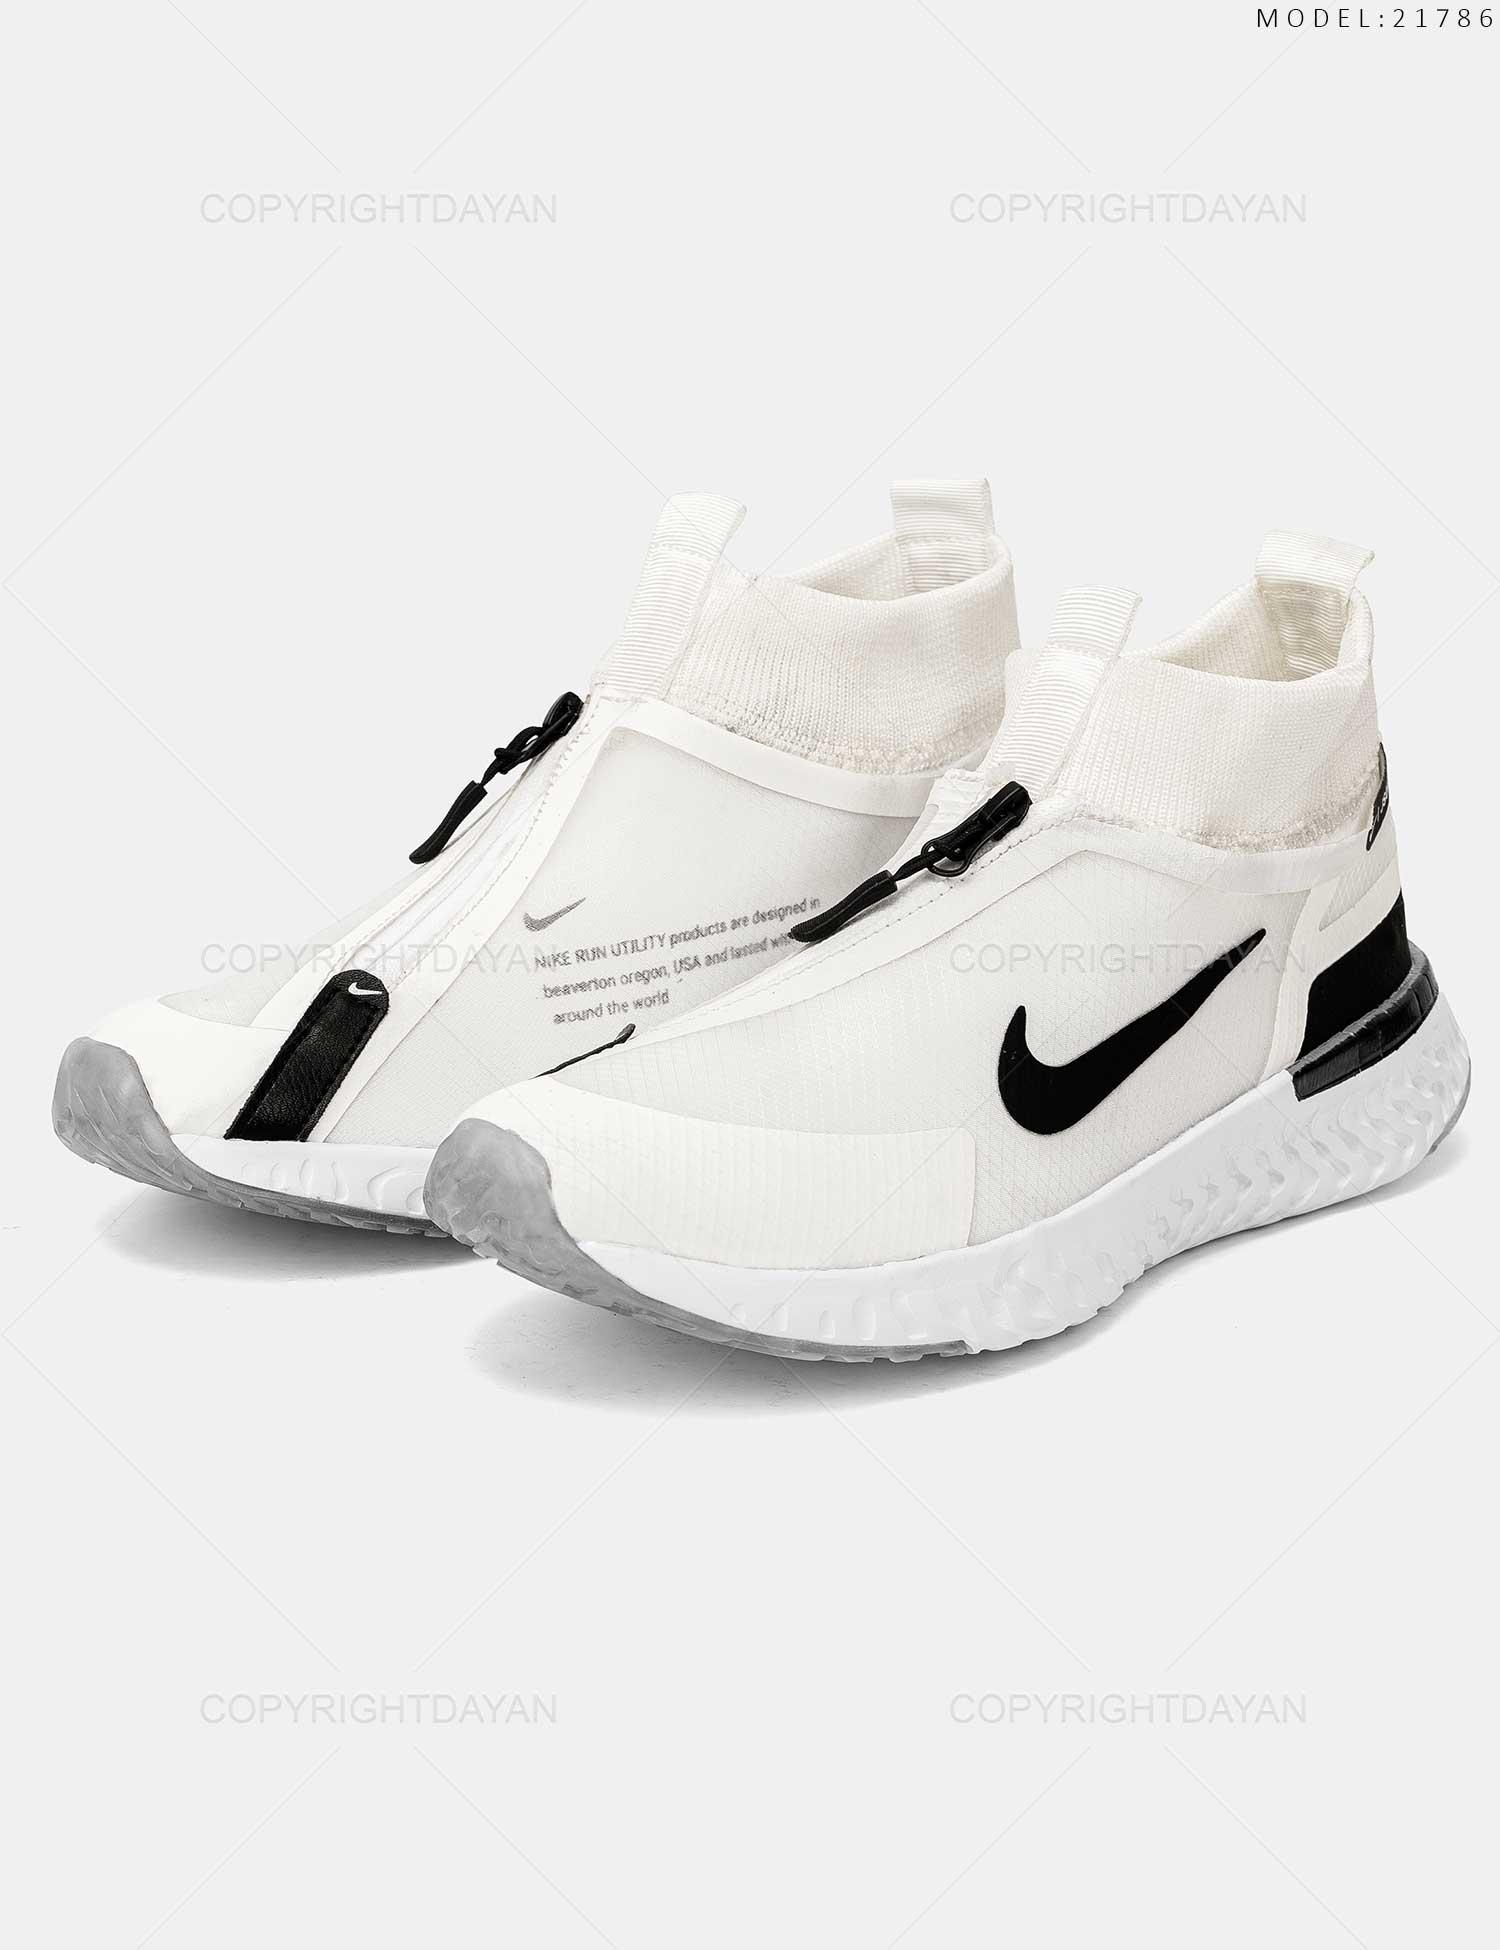 کفش ساقدار مردانه Nike مدل 21786